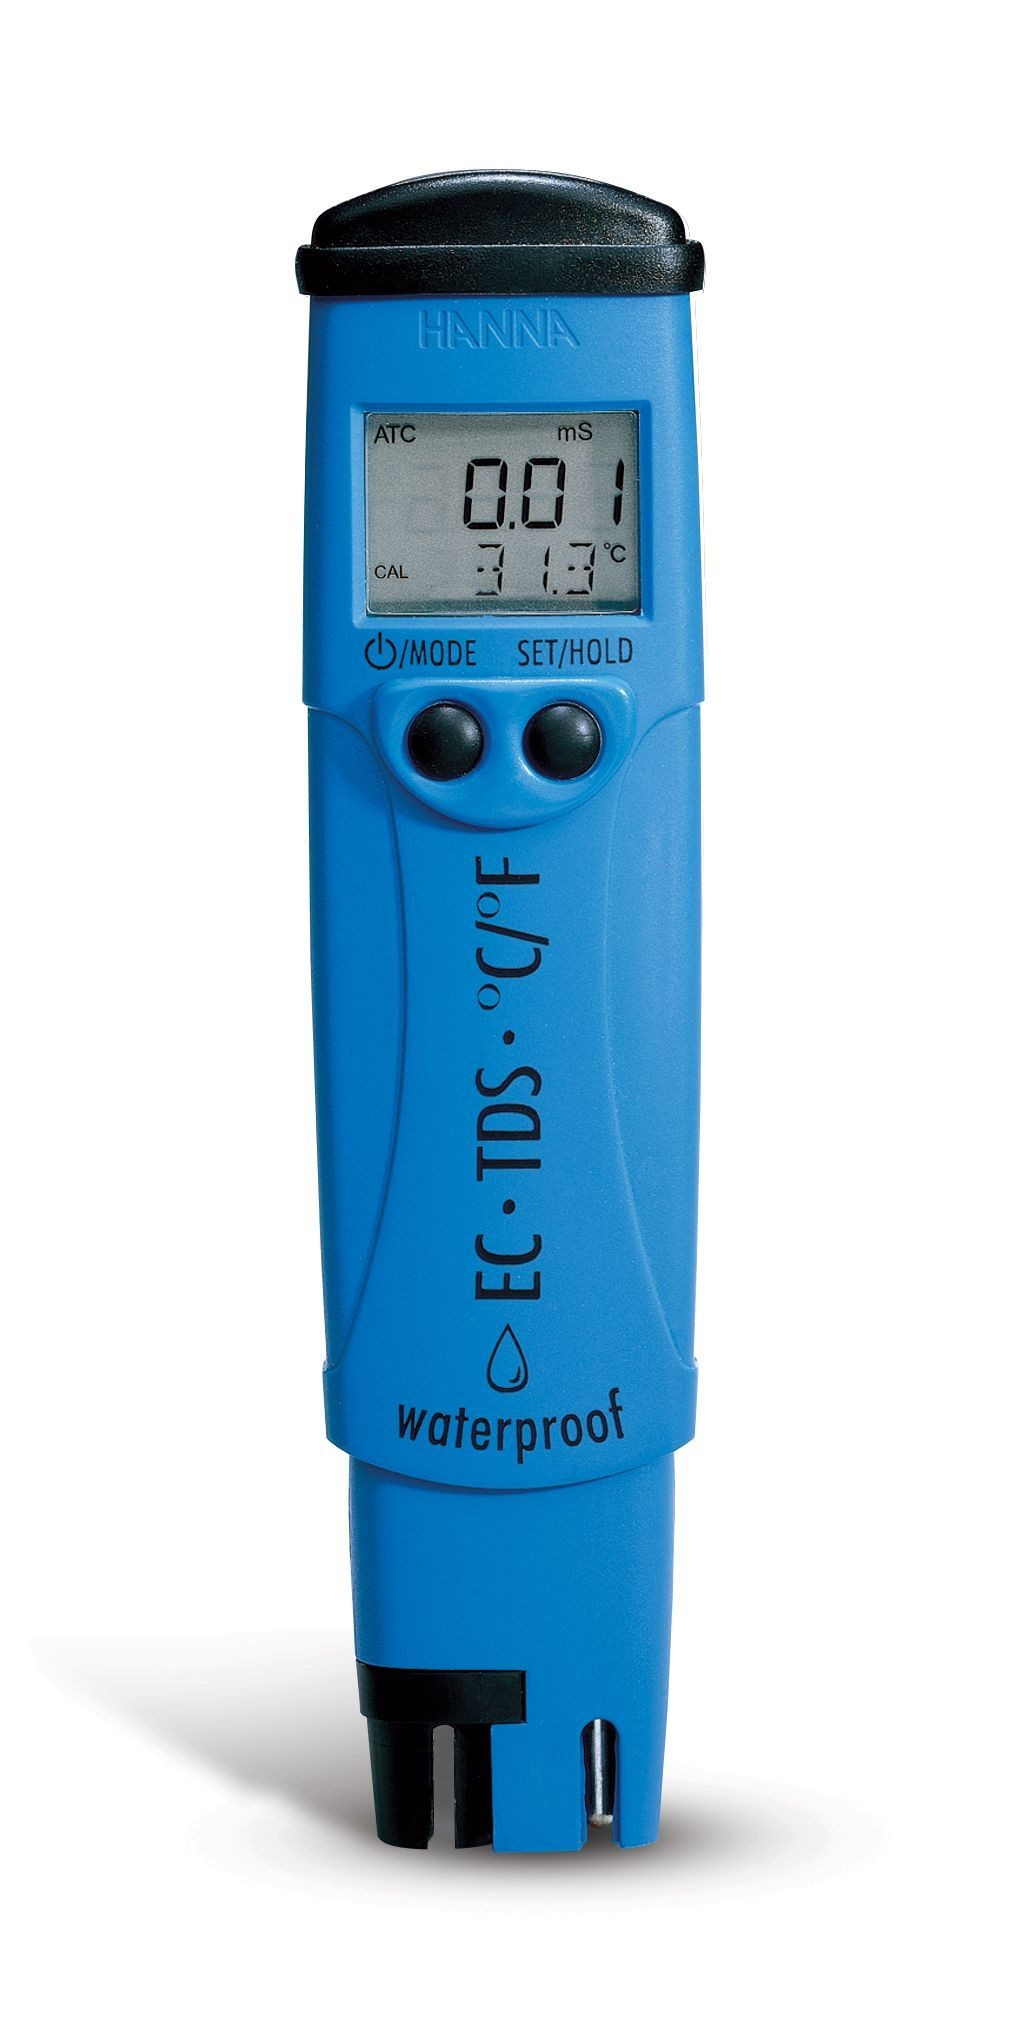 Medidor de Ec Hanna (HI 98311) Waterproof - conductivímetro